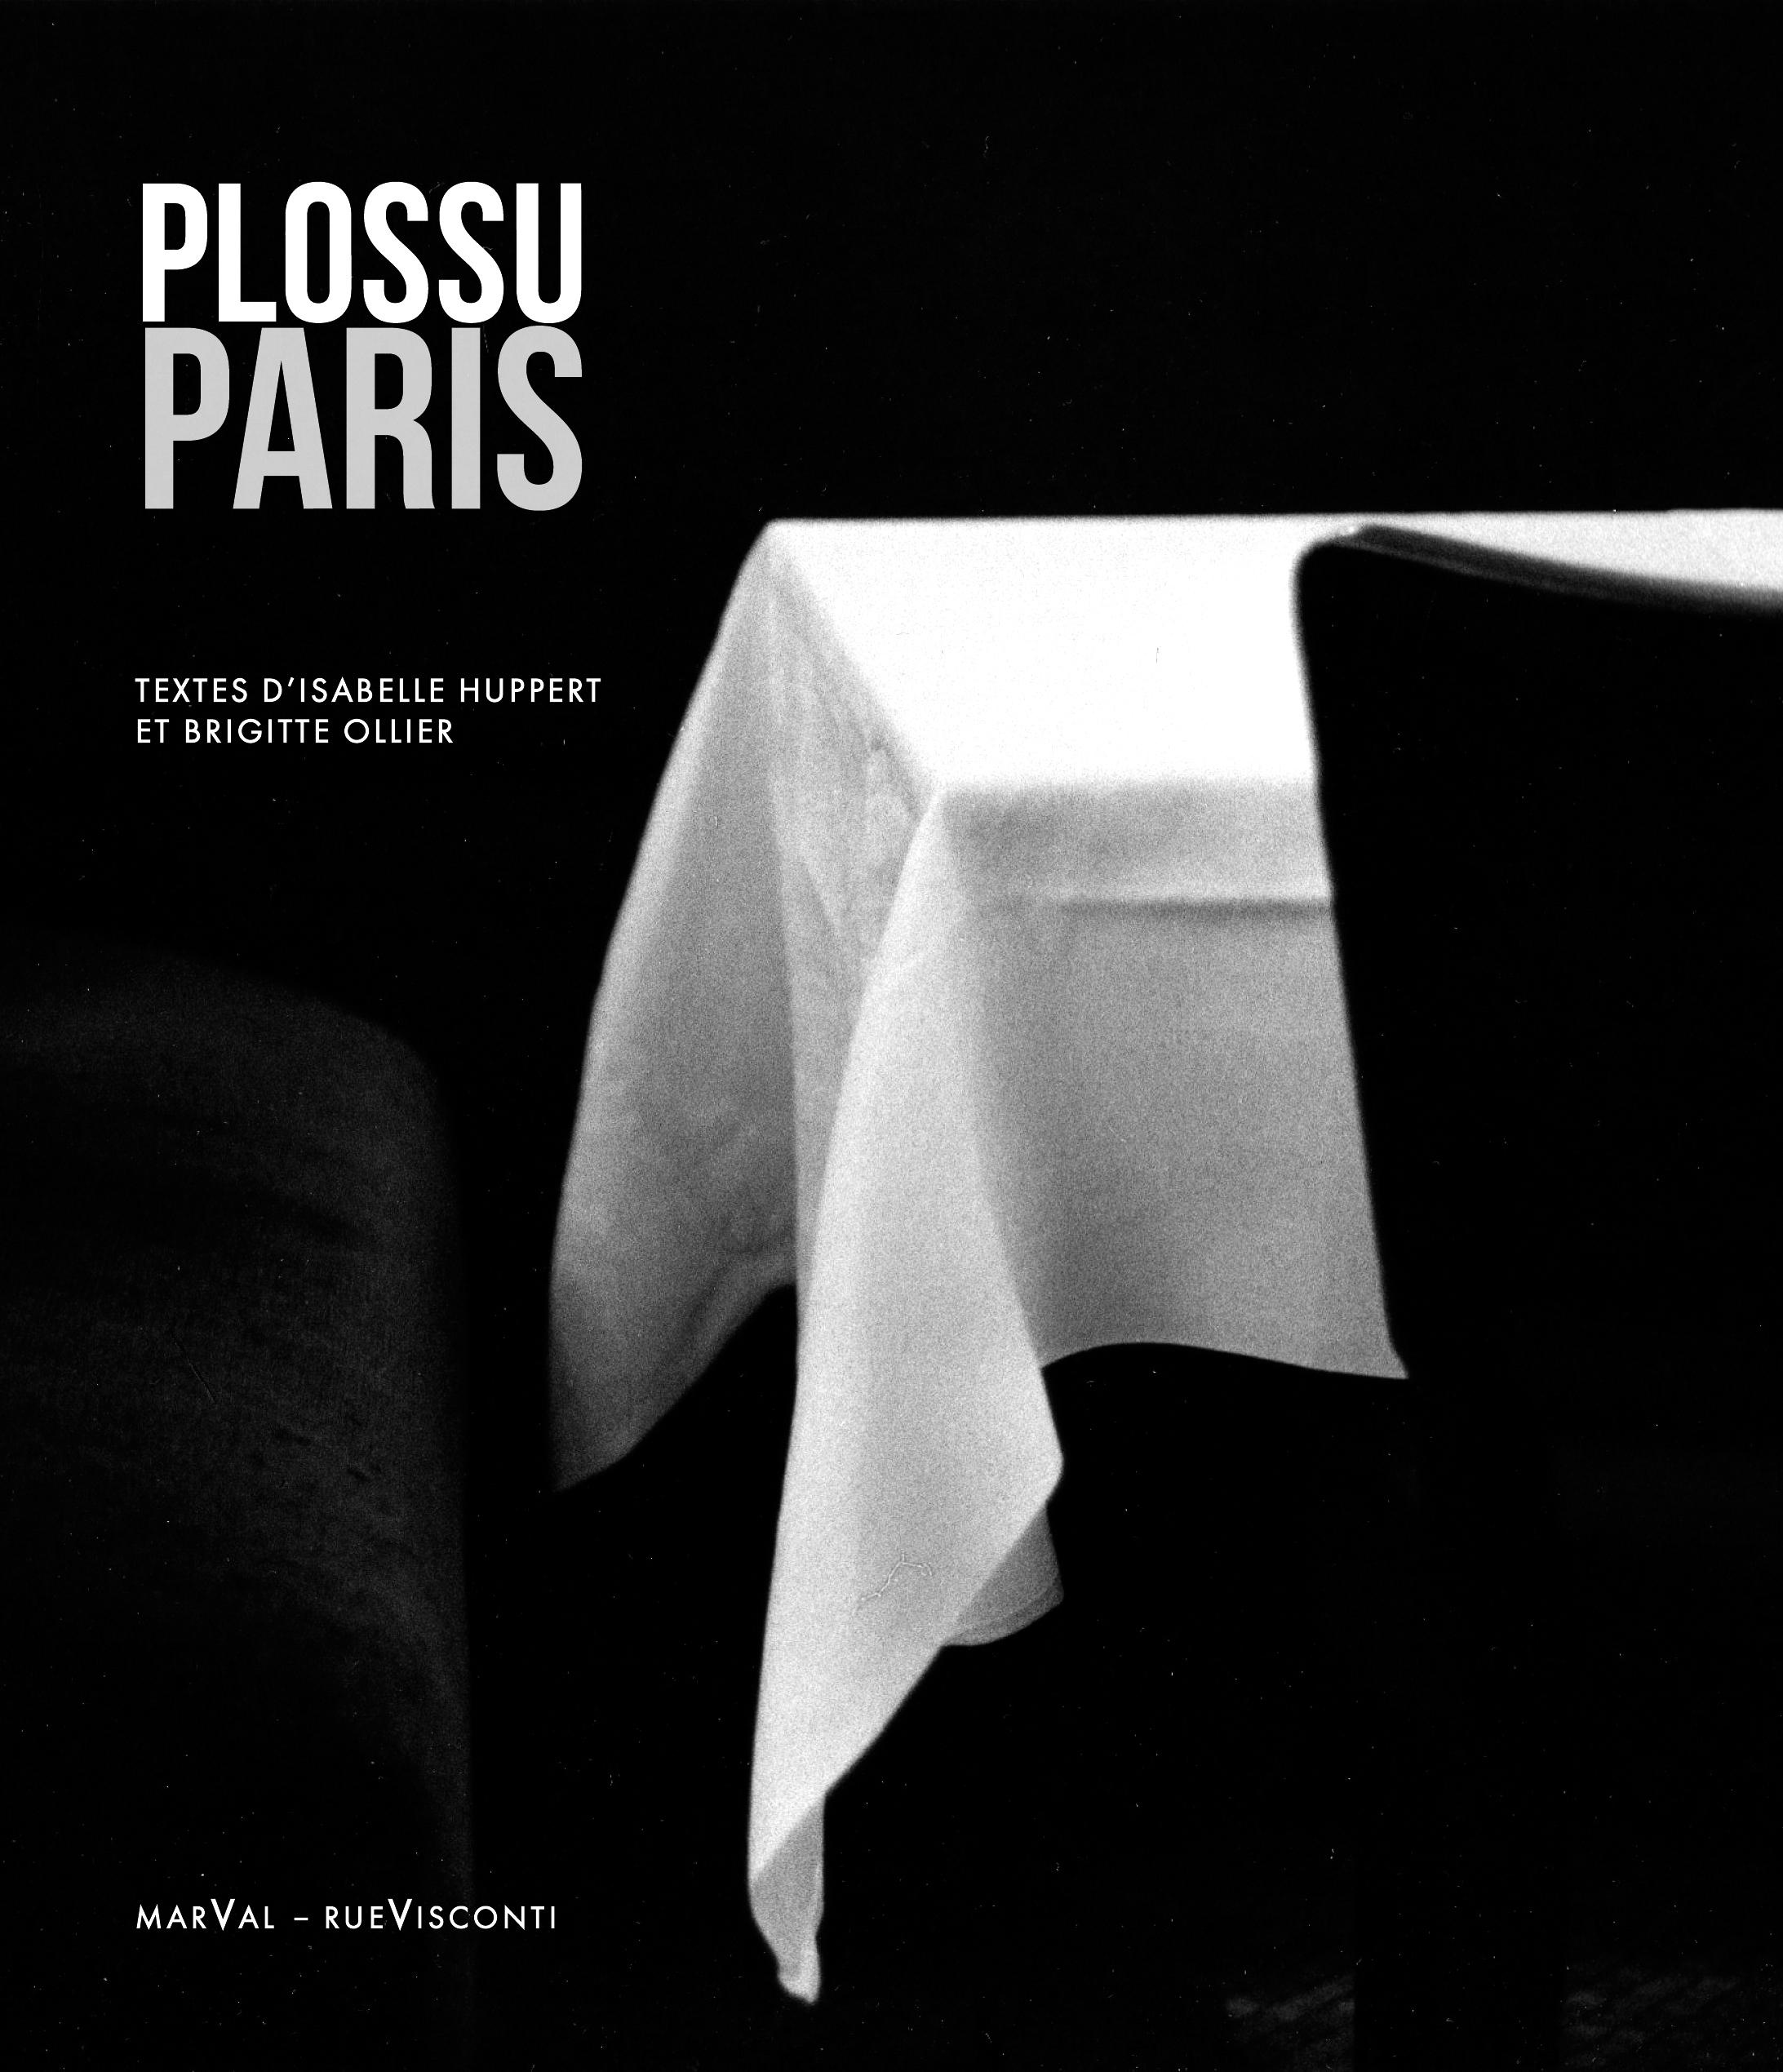 Portrait de photographe - Bernard Plossu / Plossu Paris